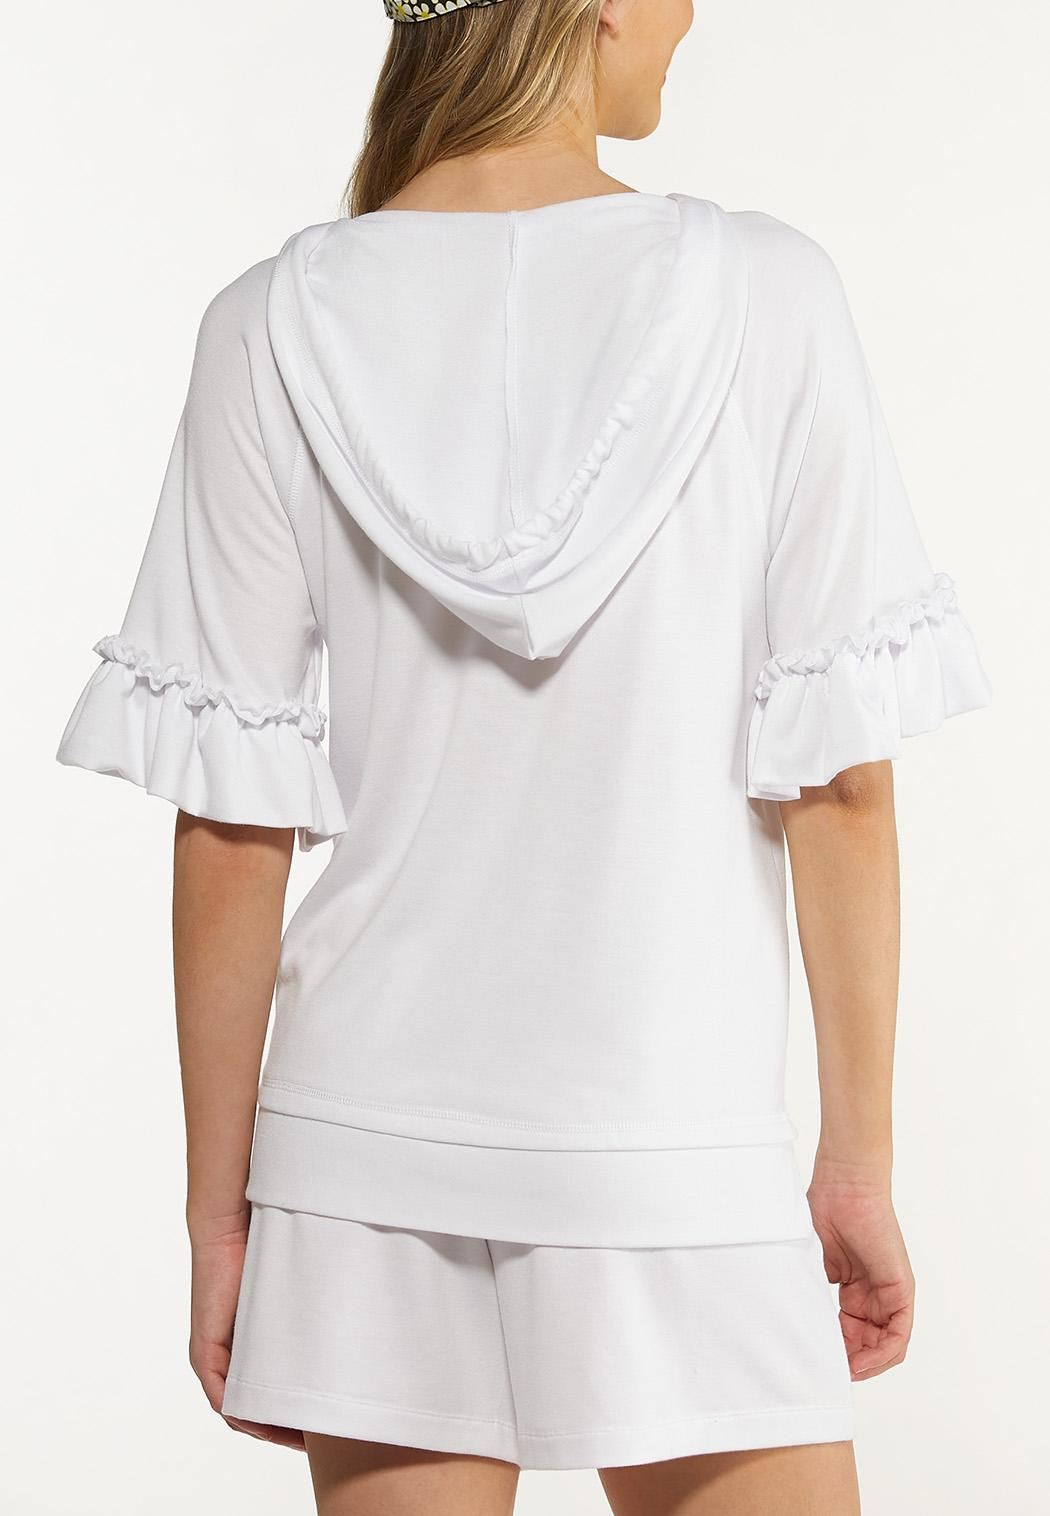 Ruffled Sleeve Hoodie (Item #44578277)